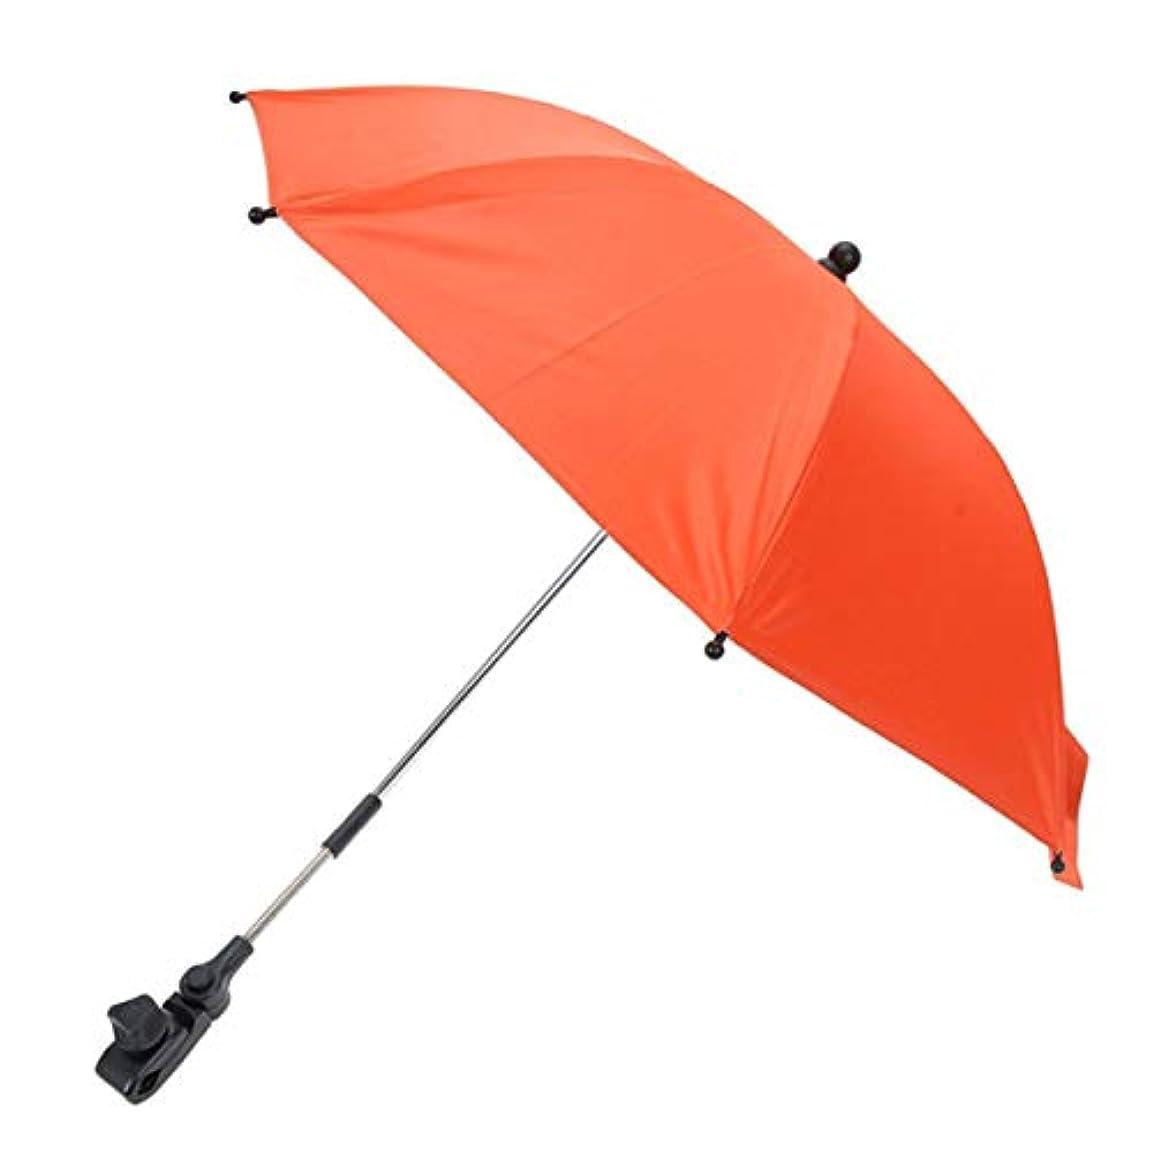 フライカイトプレゼント改善Lurrose 乳母車普遍的な調節可能なホルダー雨日傘車椅子車椅子自転車用品(ランダムカラー)のための日傘